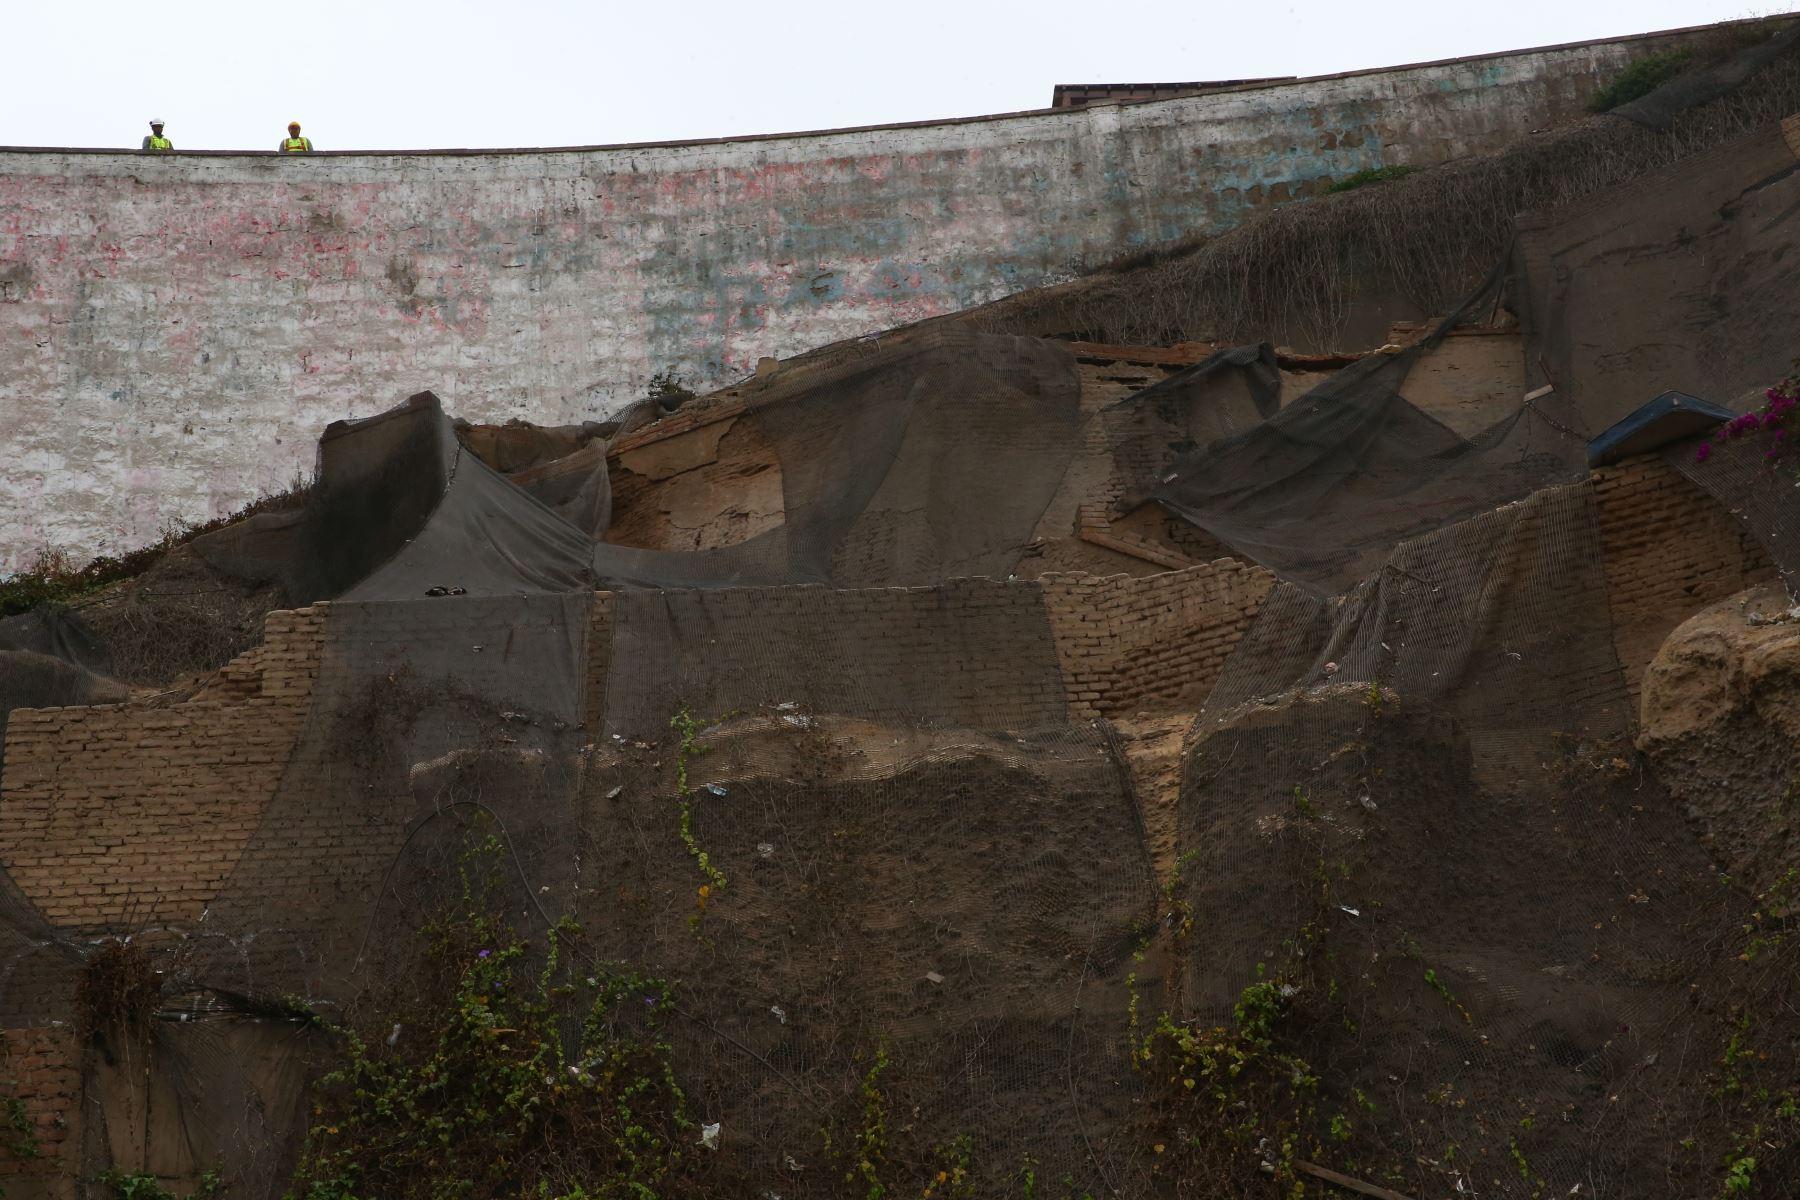 El mantenimiento de geomallas y desquinche se realiza en más de 70 puntos de la Costa Verde. Foto: ANDINA/Melina Mejía